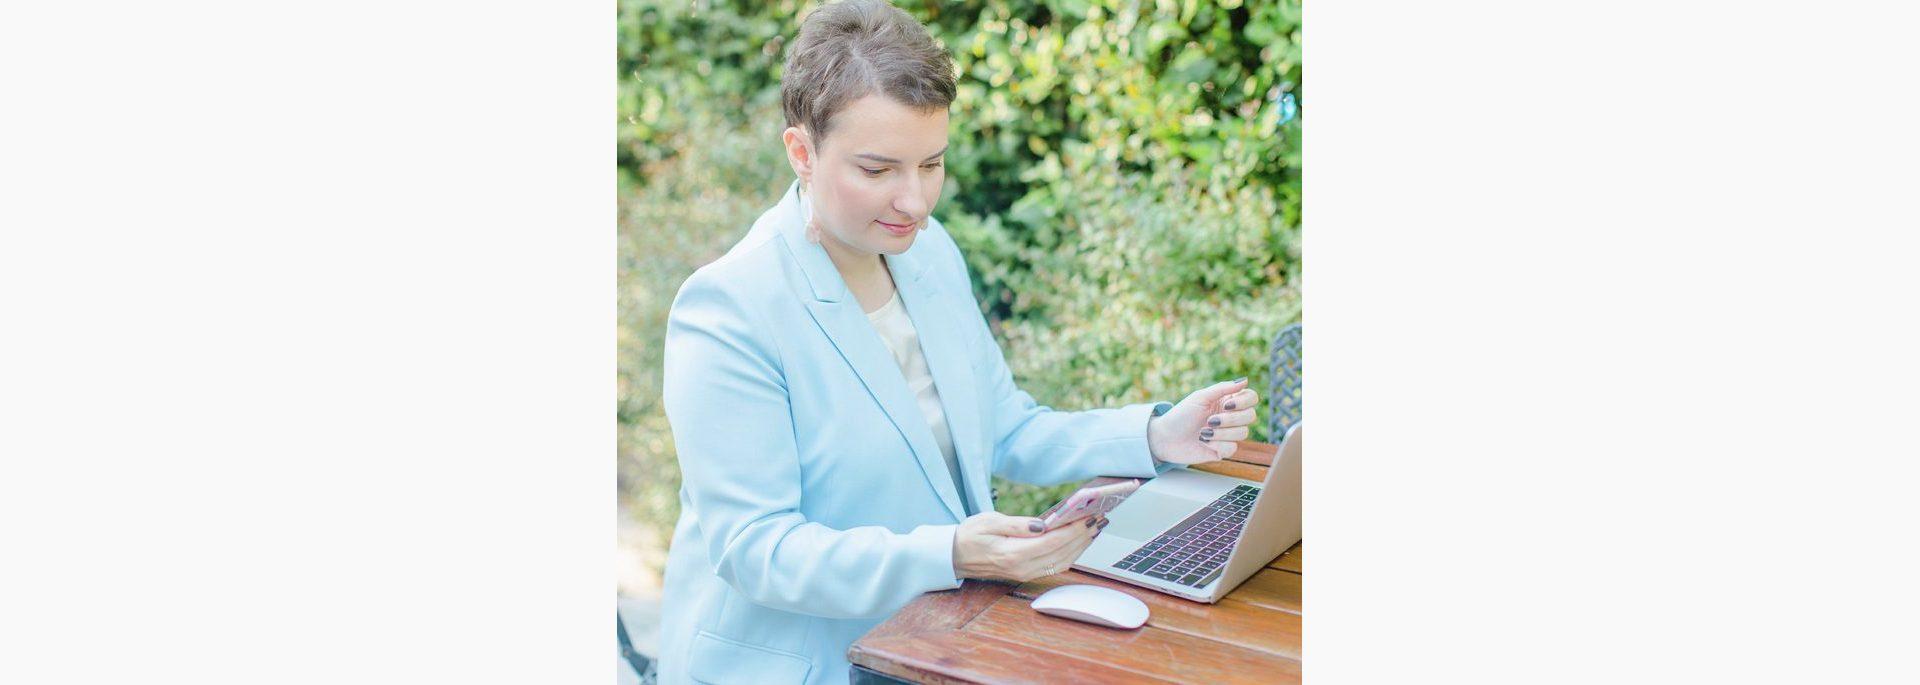 5 установок, которые помогают карьере